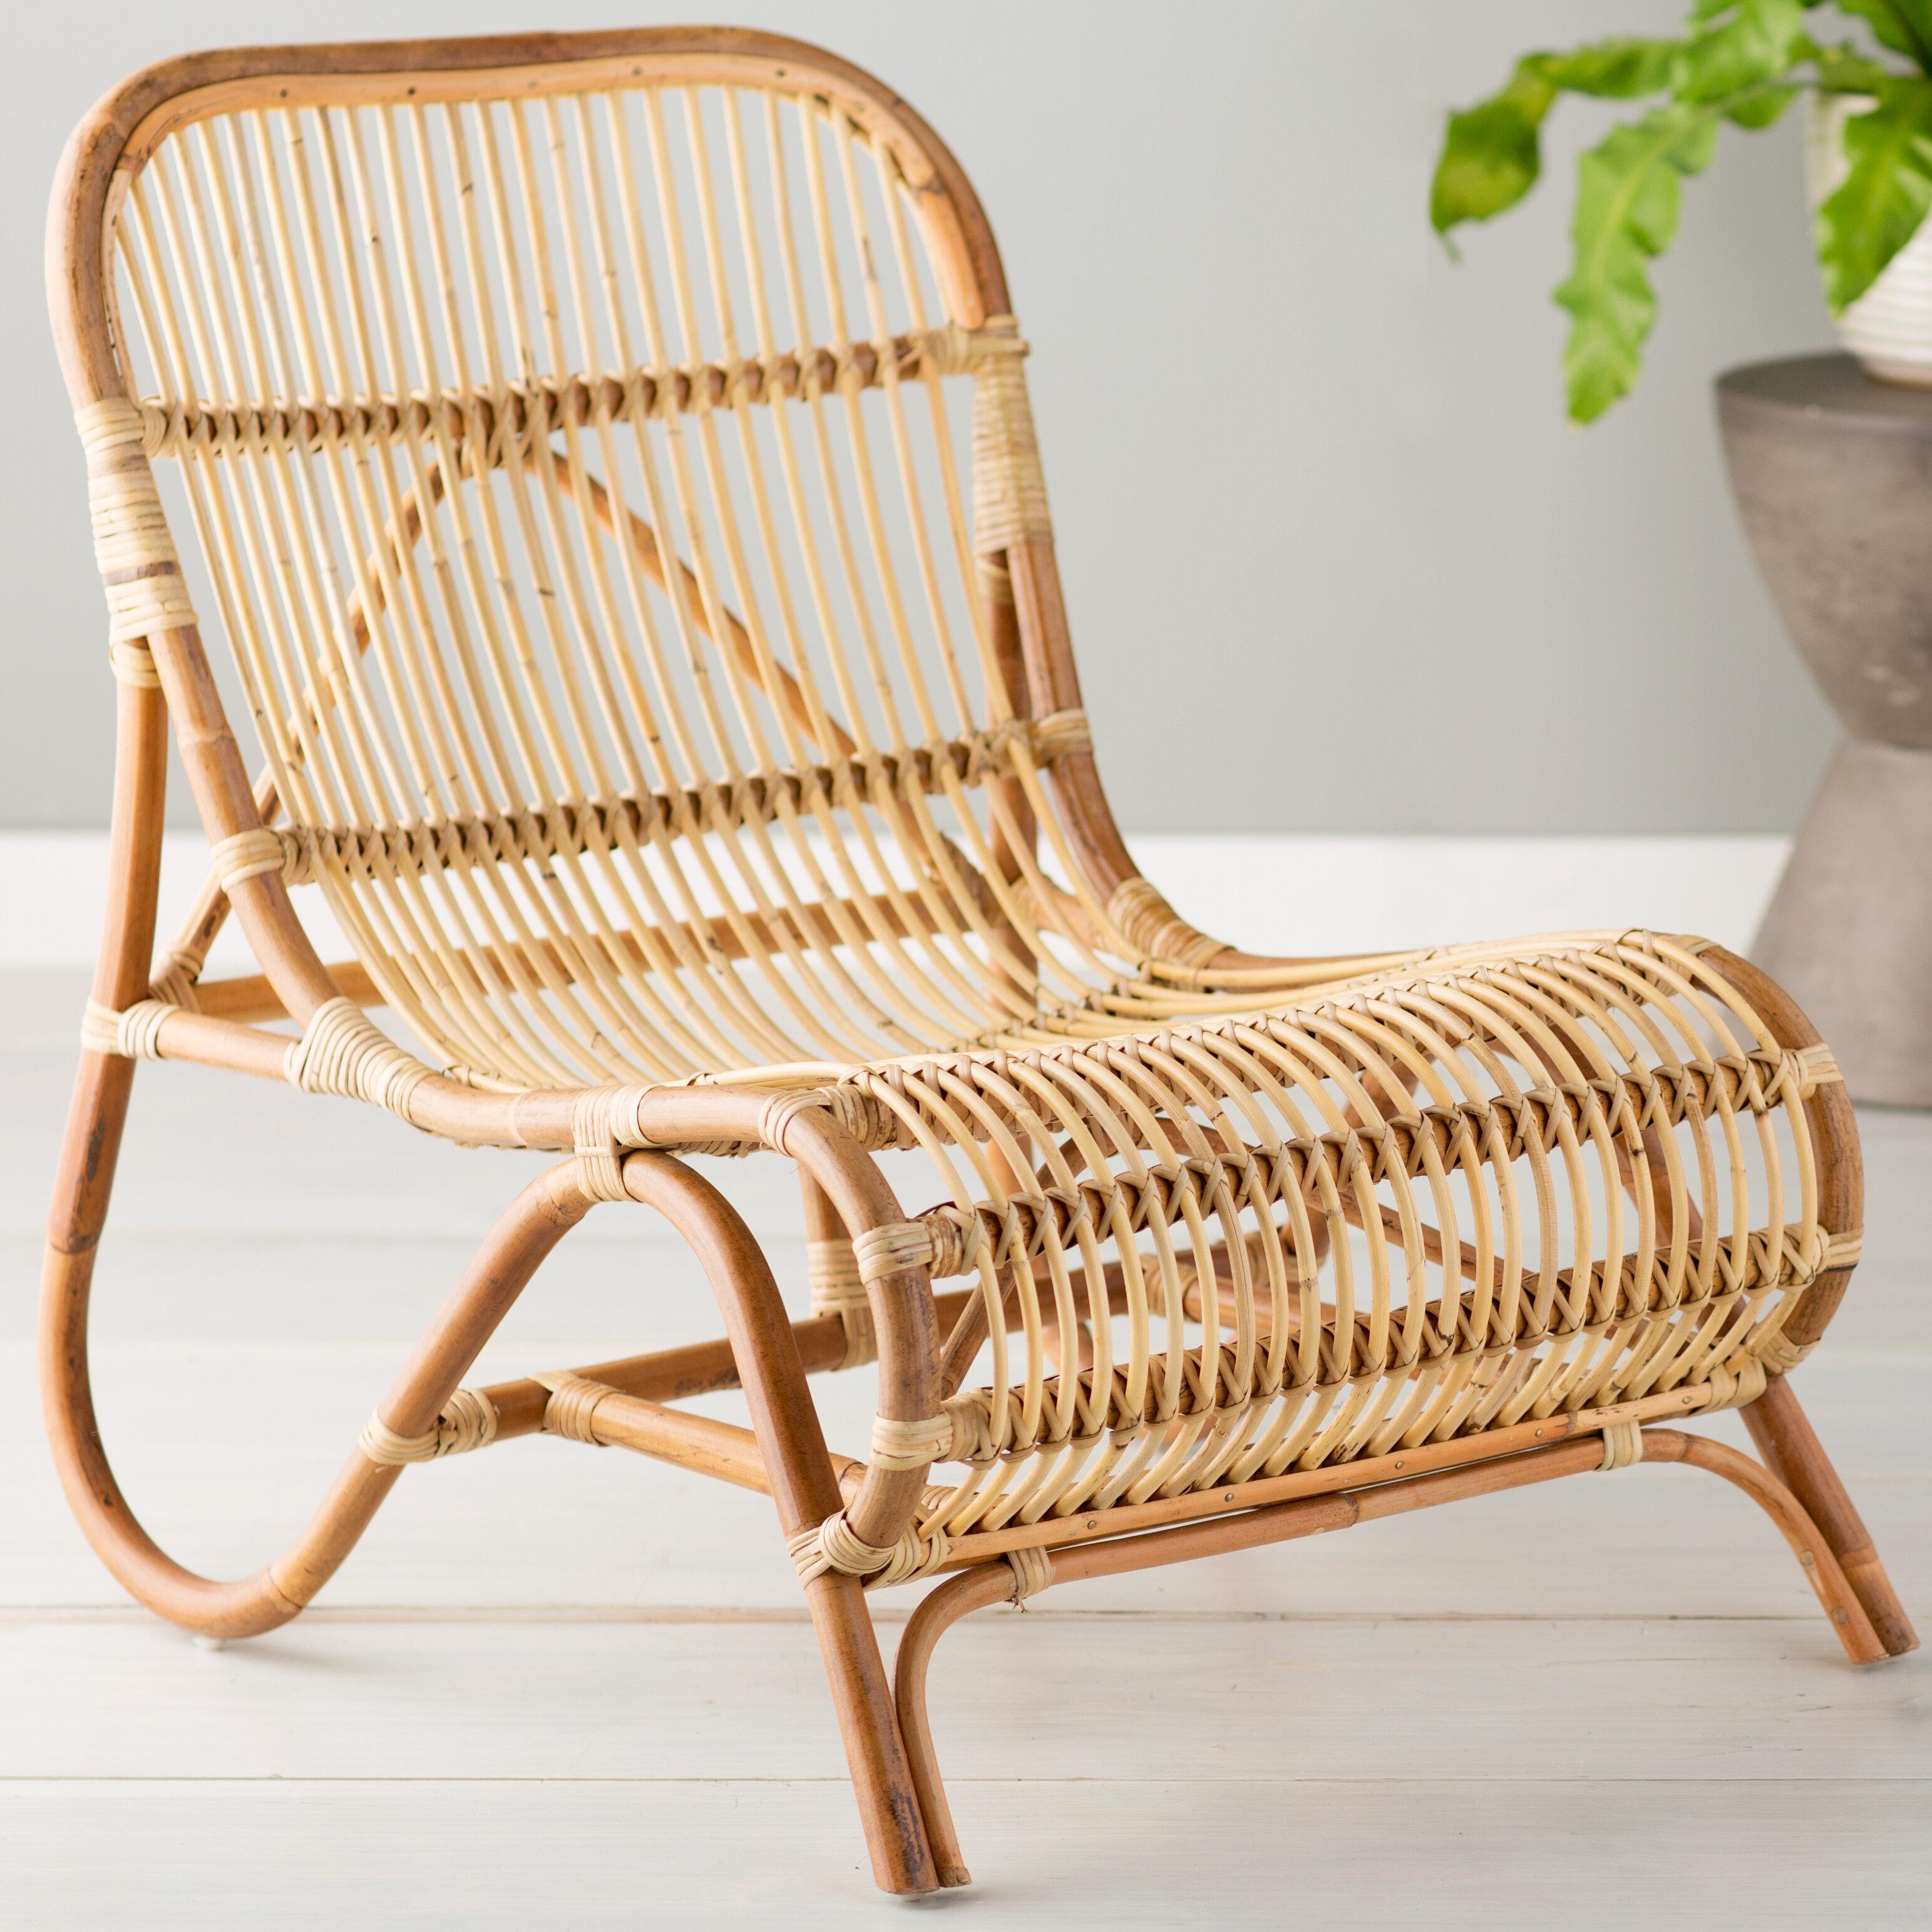 Super Ibolili Kim Lounge Chair Reviews Wayfair Machost Co Dining Chair Design Ideas Machostcouk